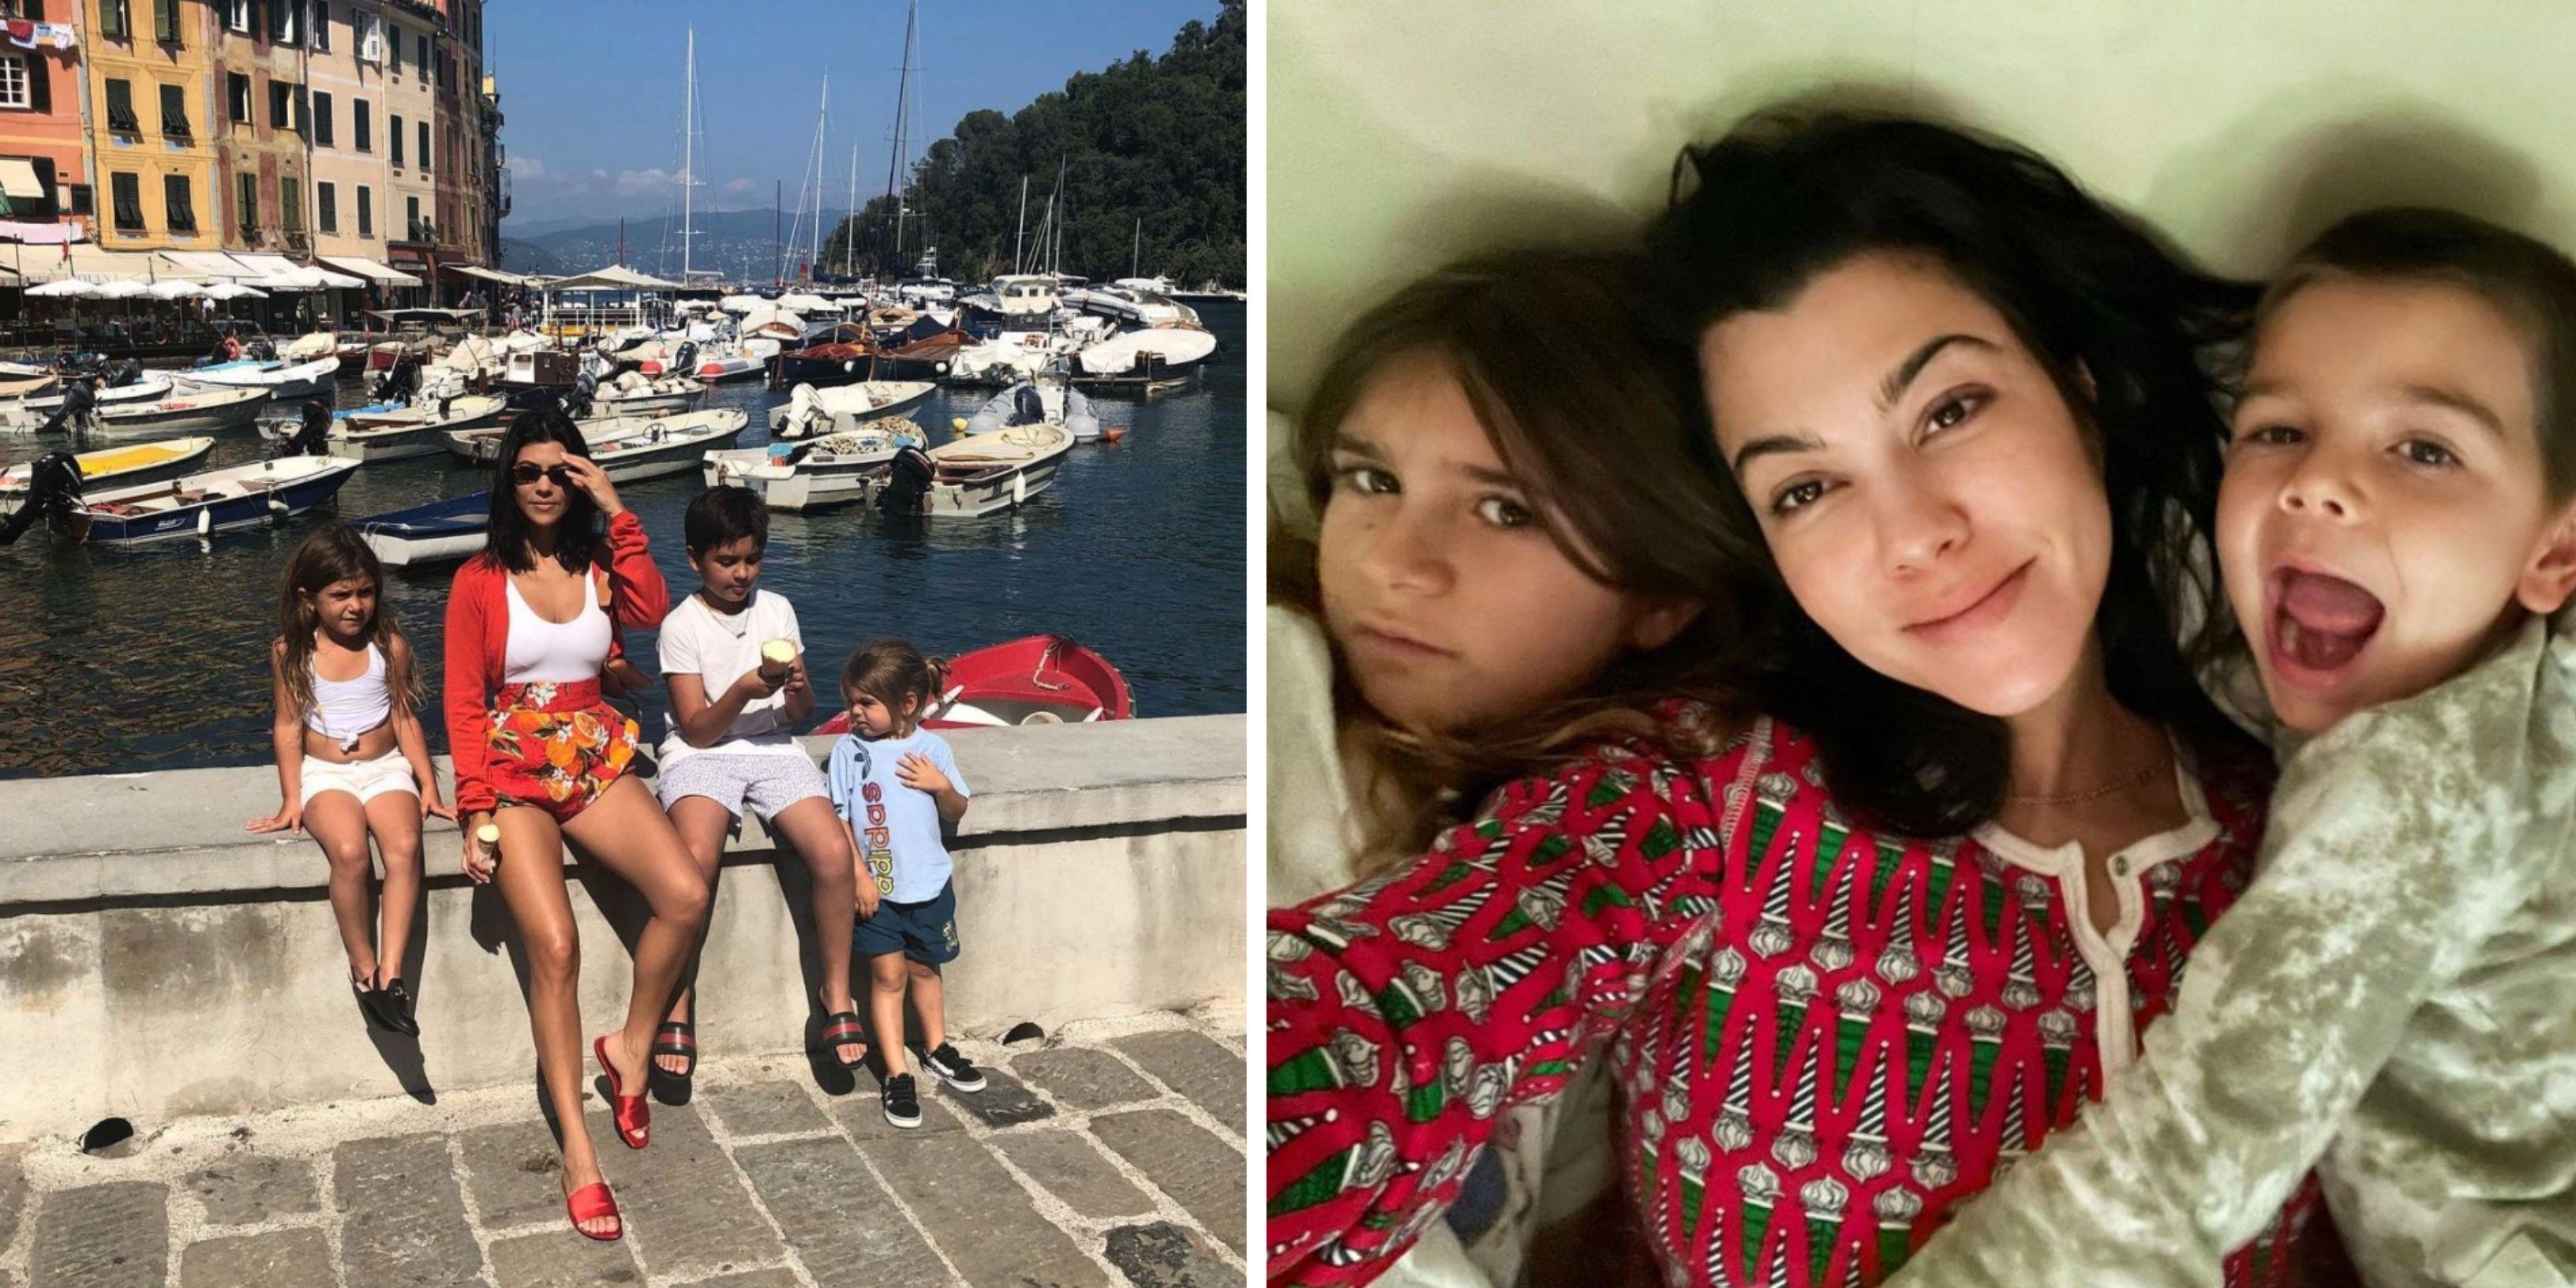 Kourtney Kardashian's 10 Sweetest Instagram Pics With Her Kids